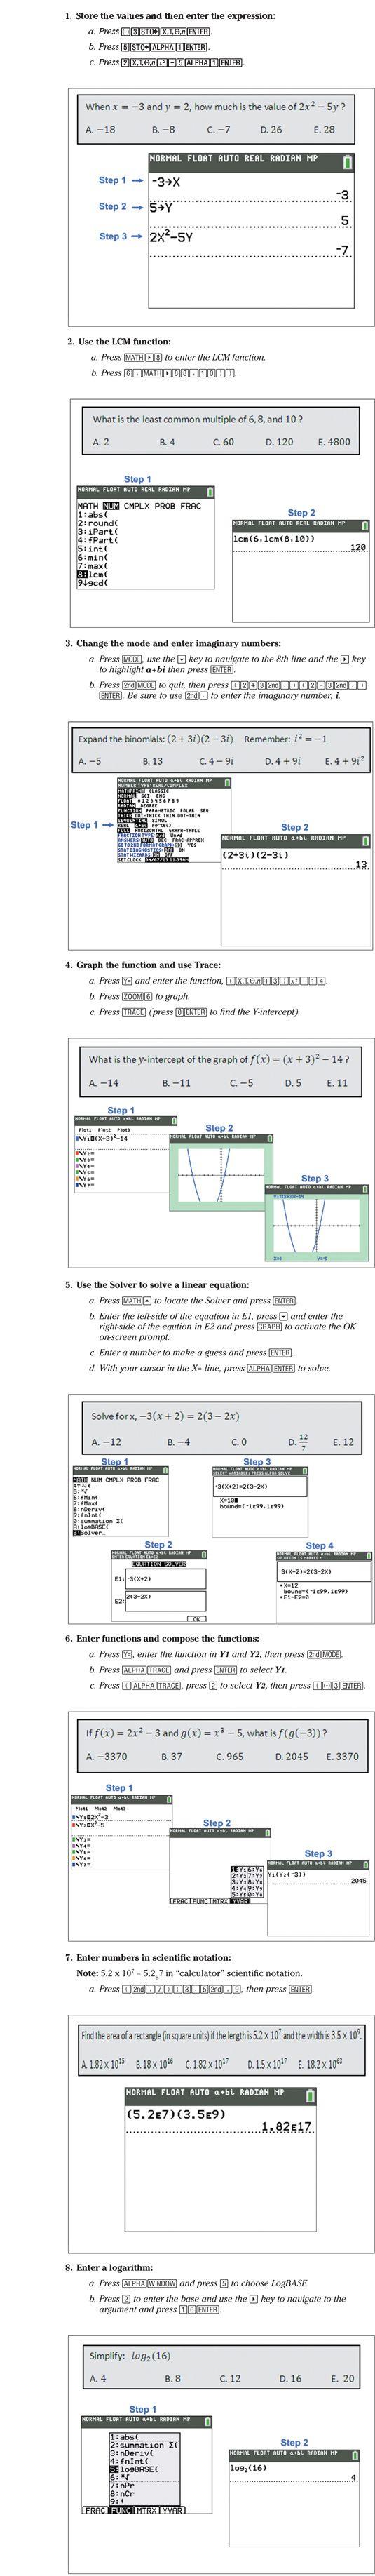 ���� - Como Usar a TI-84 Plus C para solucionar questões de testes padronizados